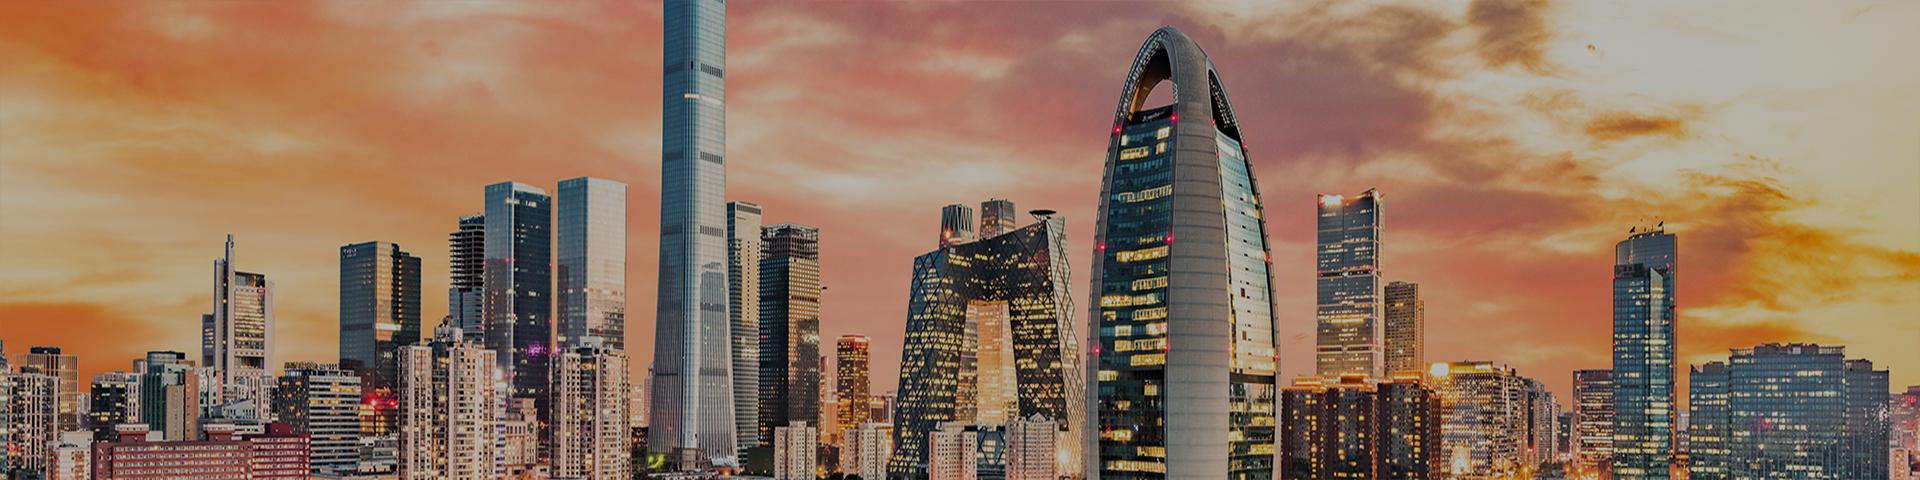 تور پکن همیشه سفر